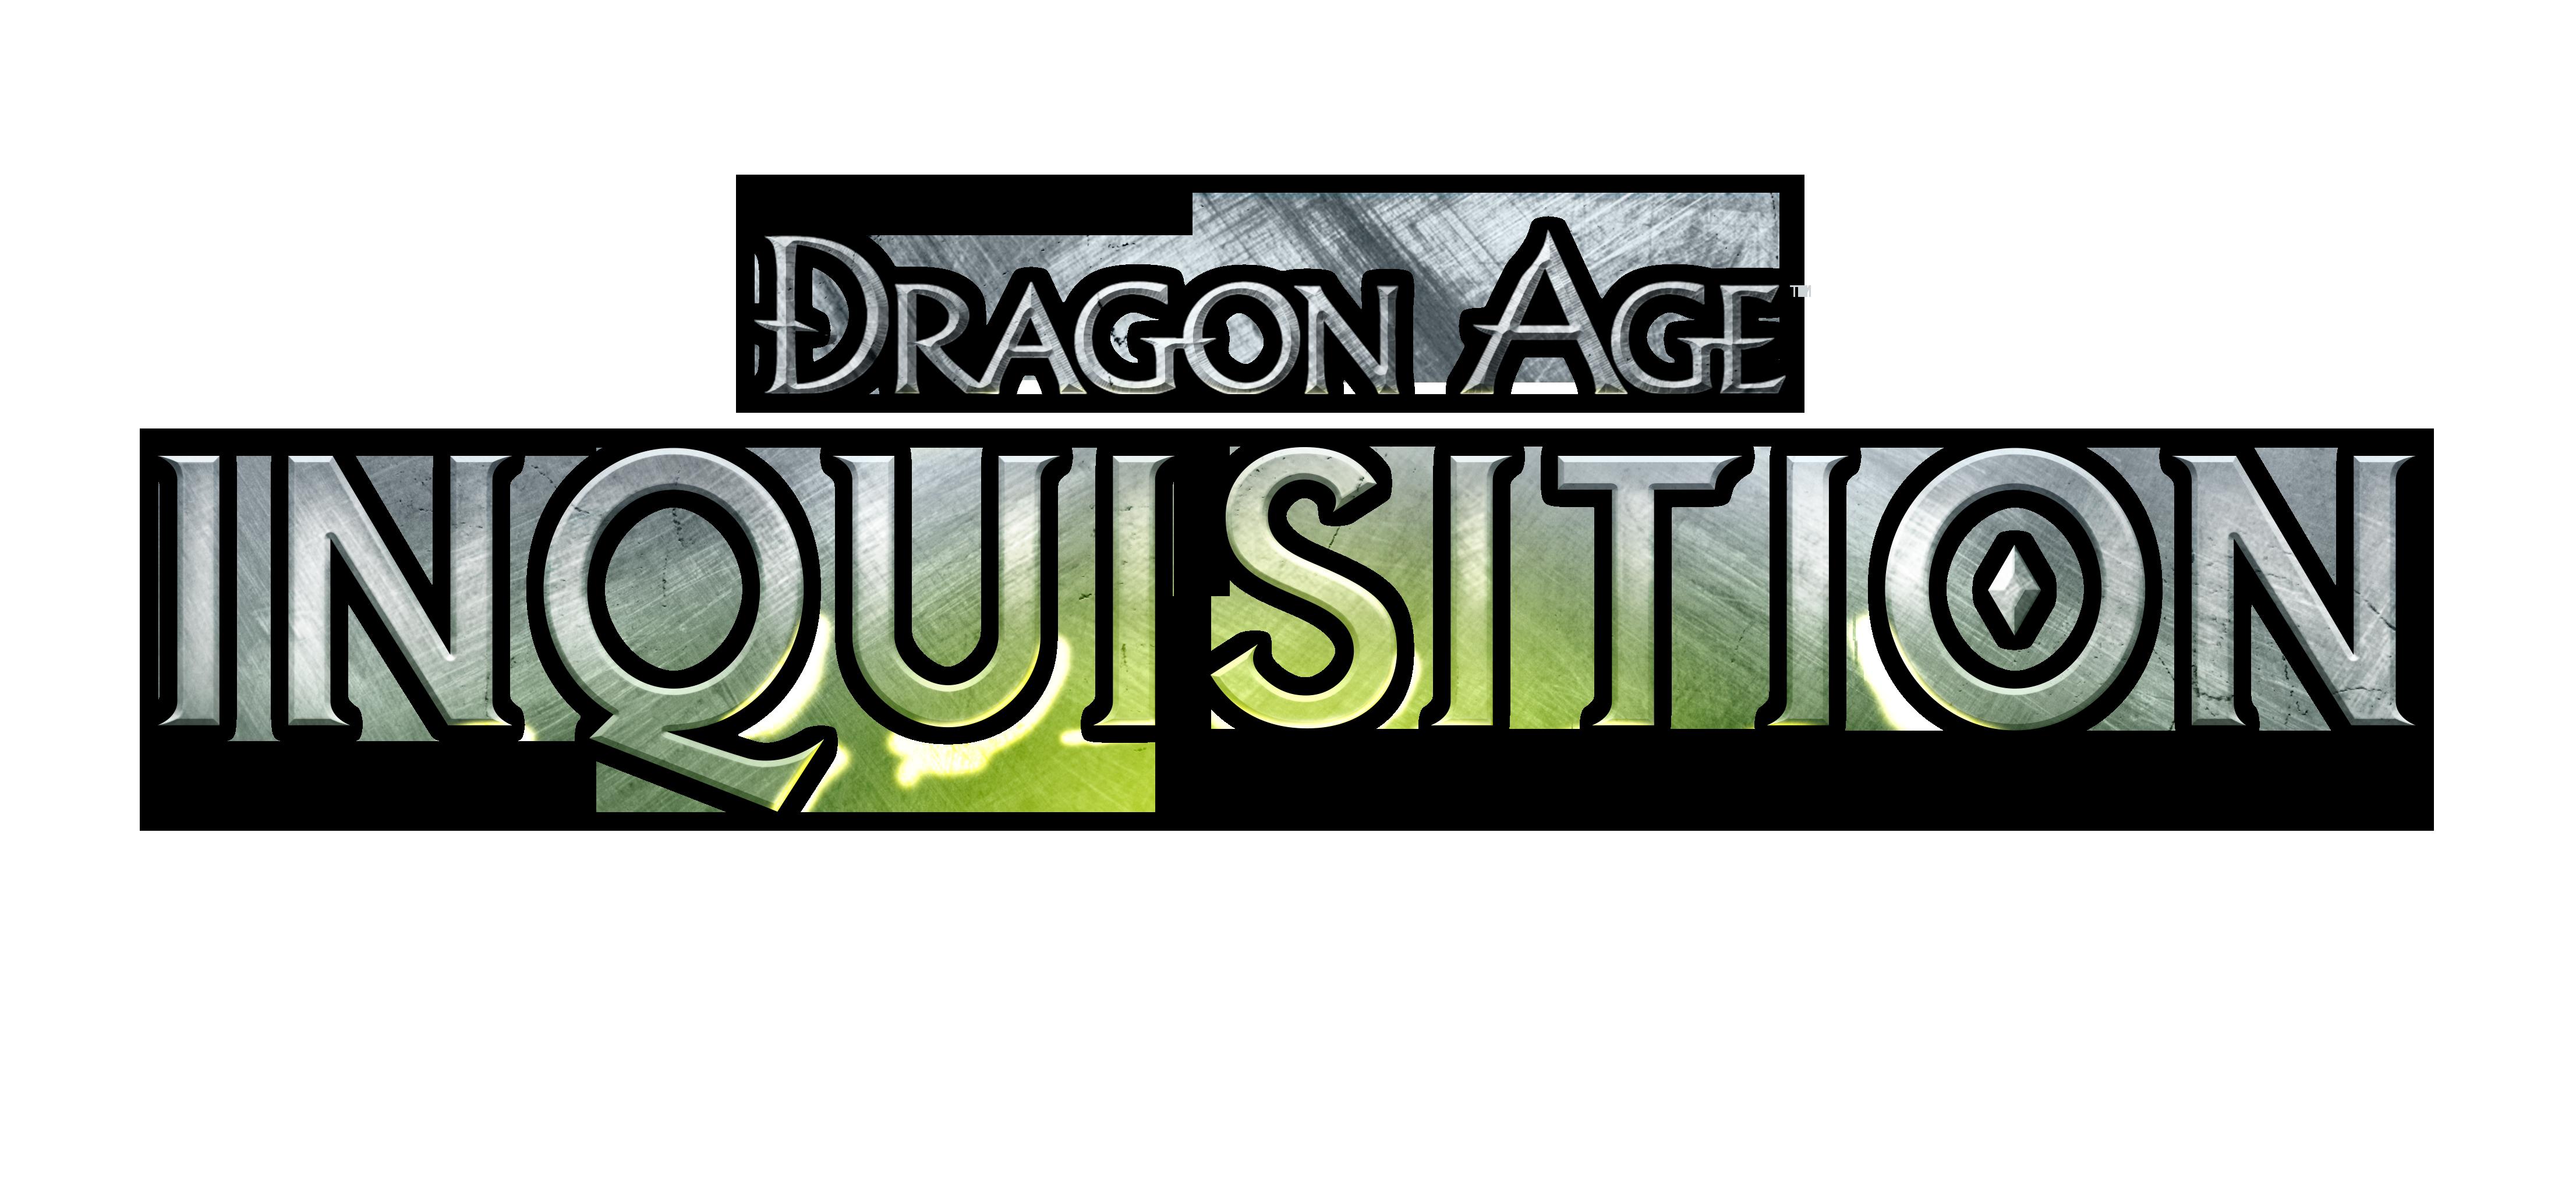 Personajes del Dragon Age: Inquisition - Wikipedia, la enciclopedia libre